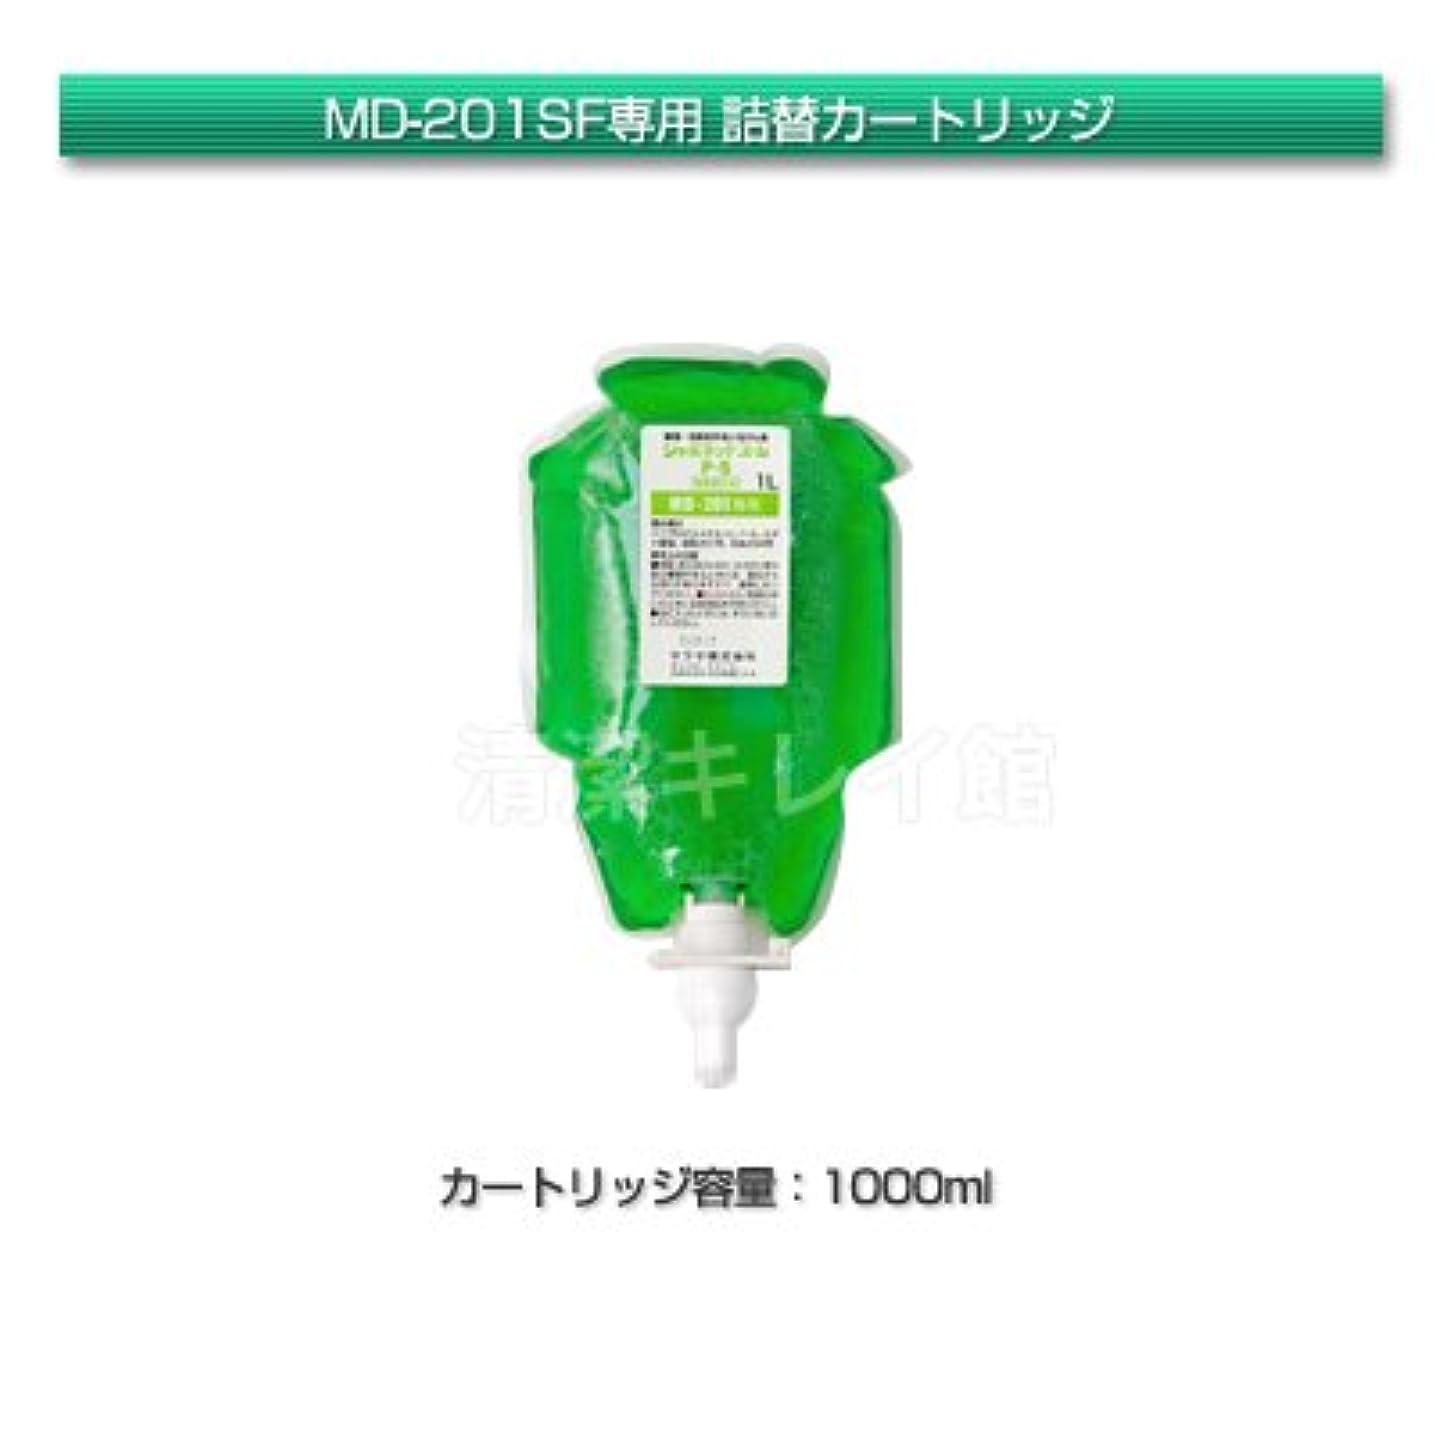 書き出す主人不十分なサラヤ プッシュ式石鹸液 MD-201SF(泡)専用カートリッジ(ユムP-5)1000ml【清潔キレイ館】